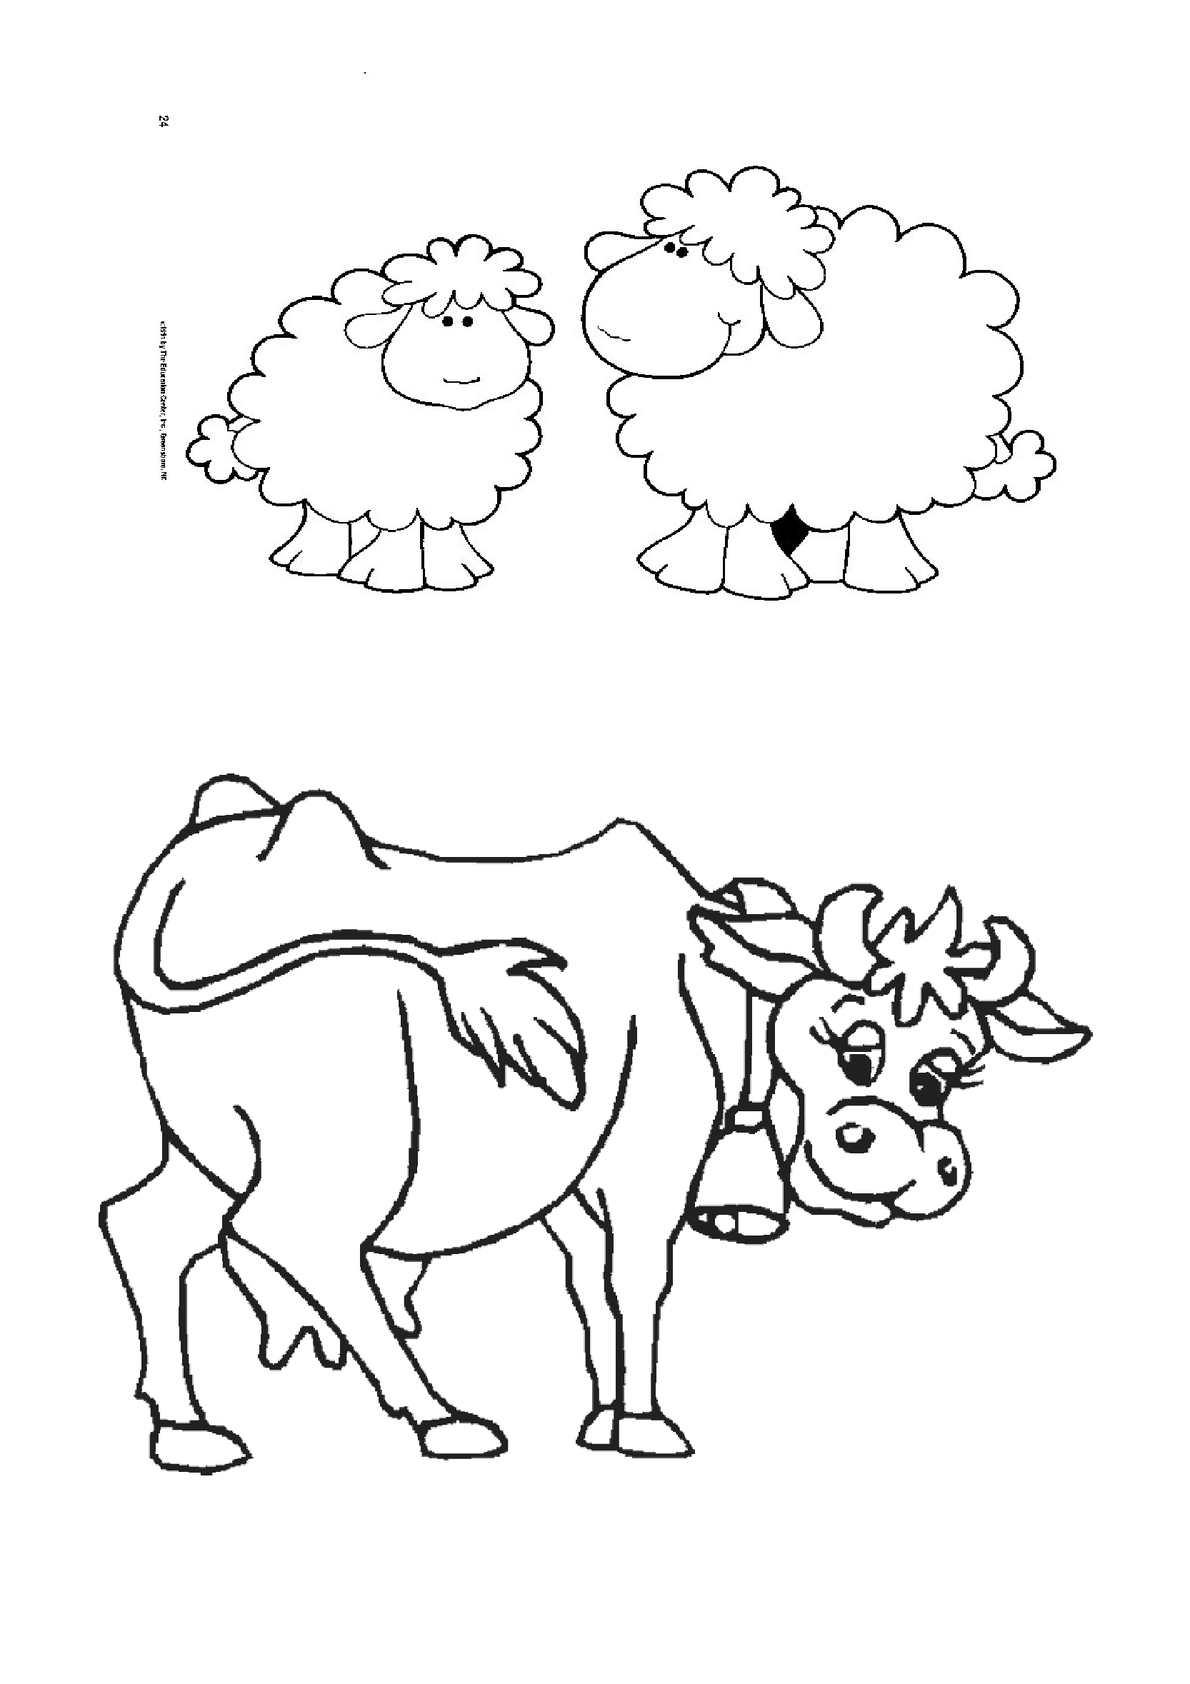 Los Animales de la Granja para colorear - CALAMEO Downloader